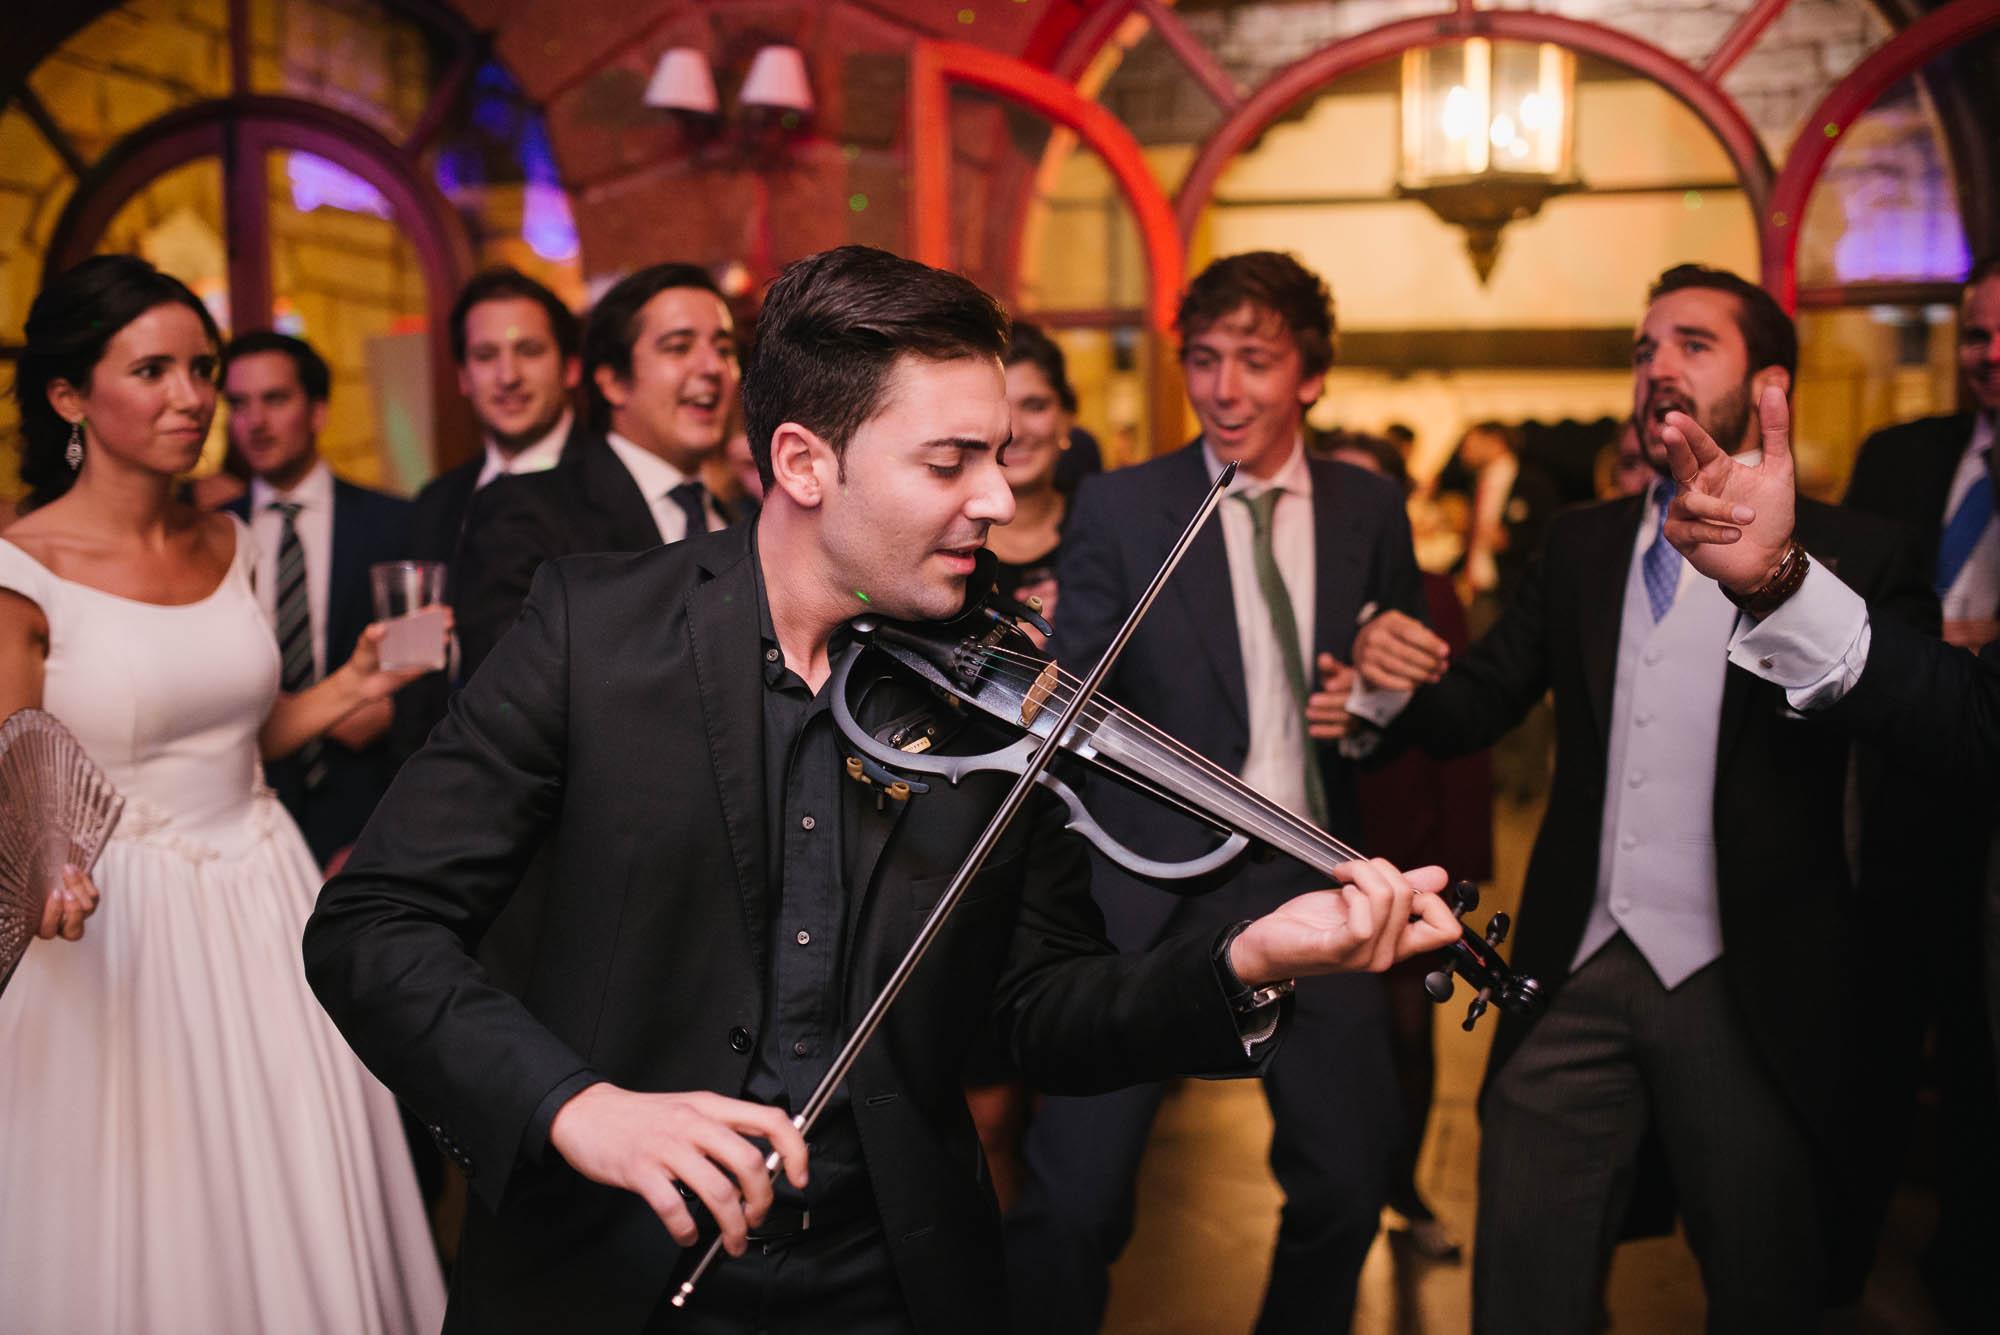 El violinista toca para los novios durante la fiesta de la boda